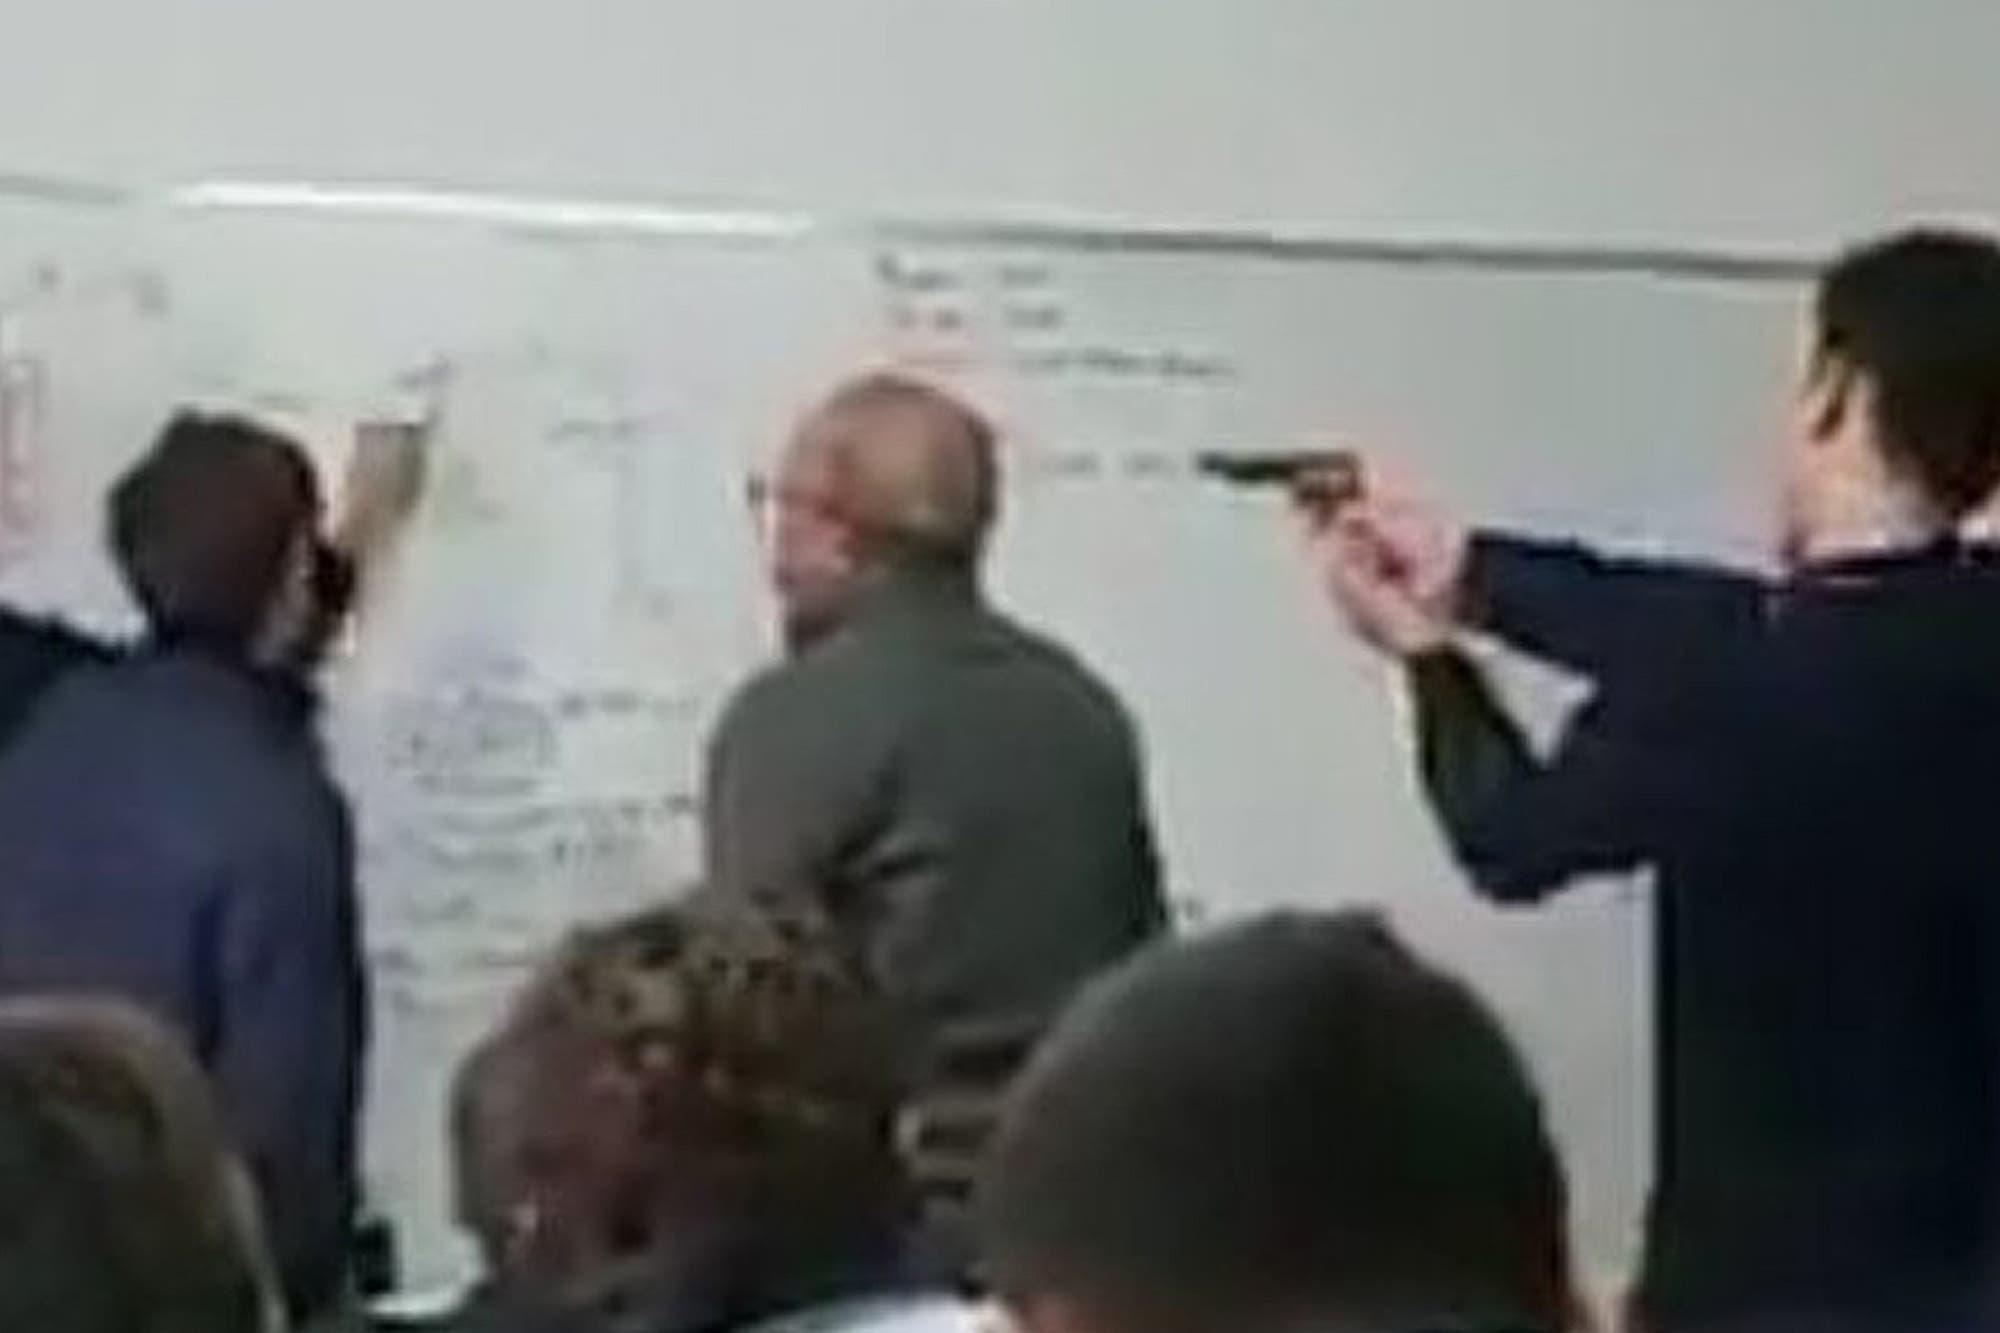 Le apuntan con un arma al profesor en plena clase y se viraliza el video